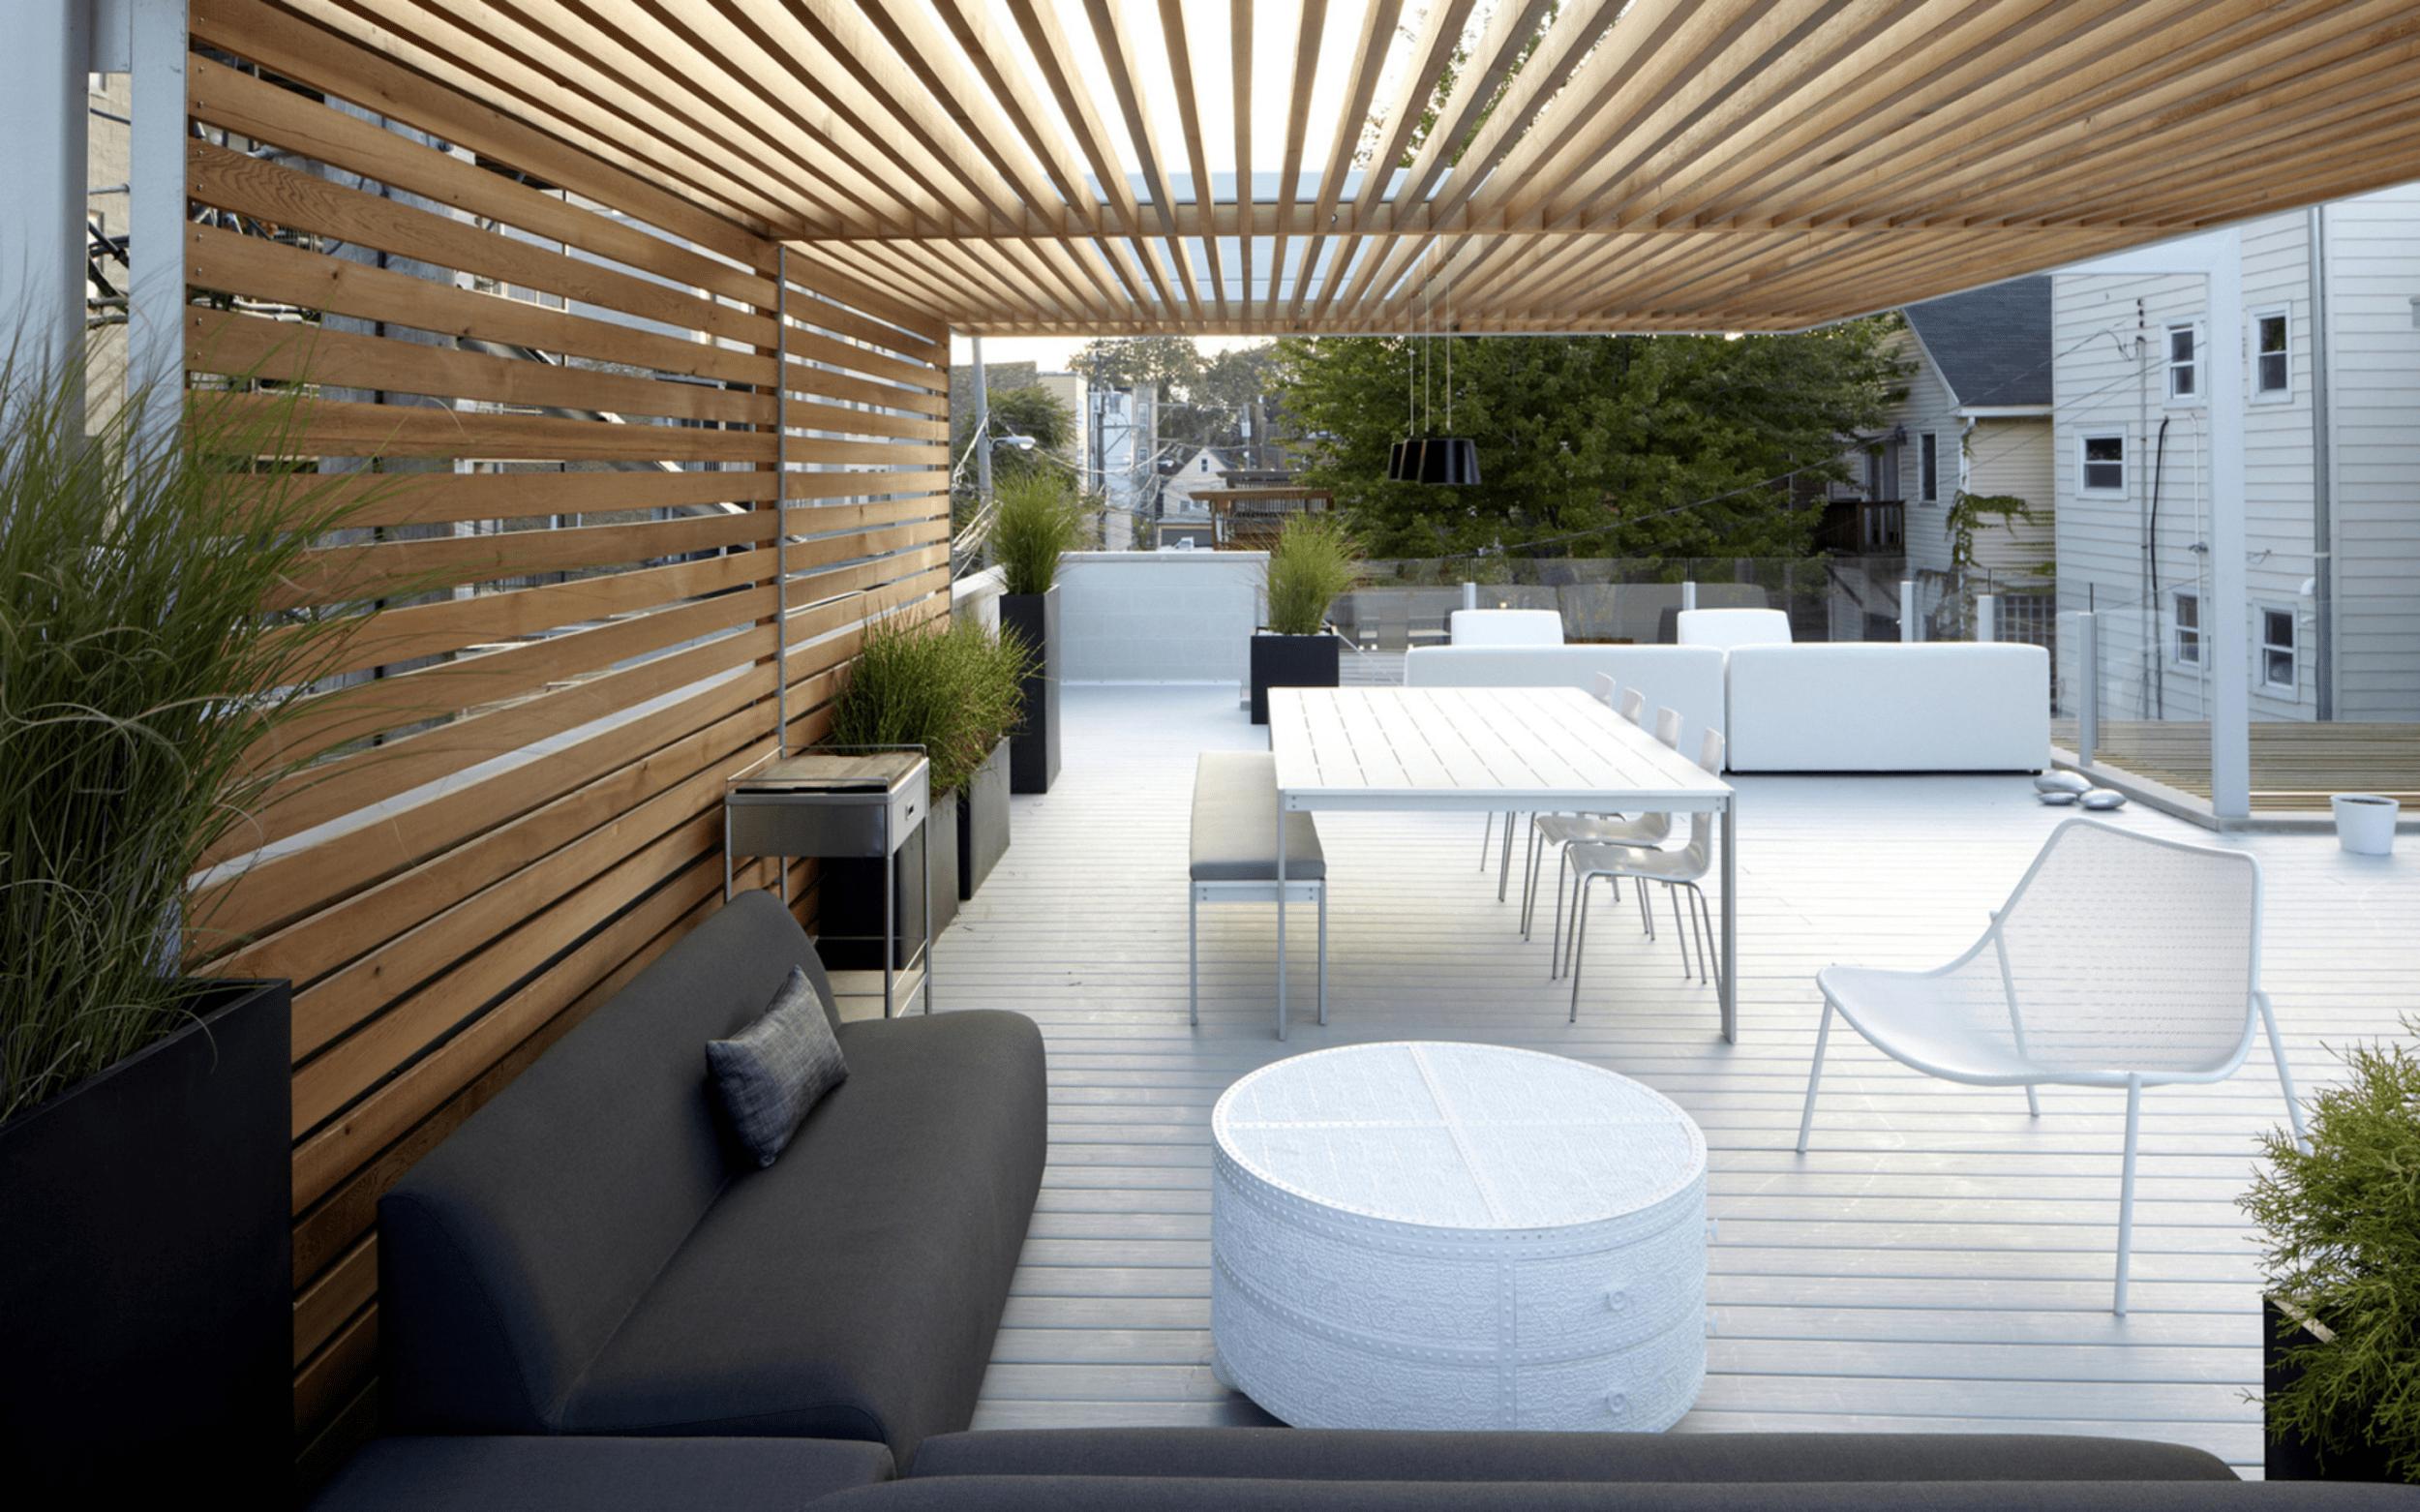 Lam gỗ dễ dàng thay thế và sơn hoặc phủ màu